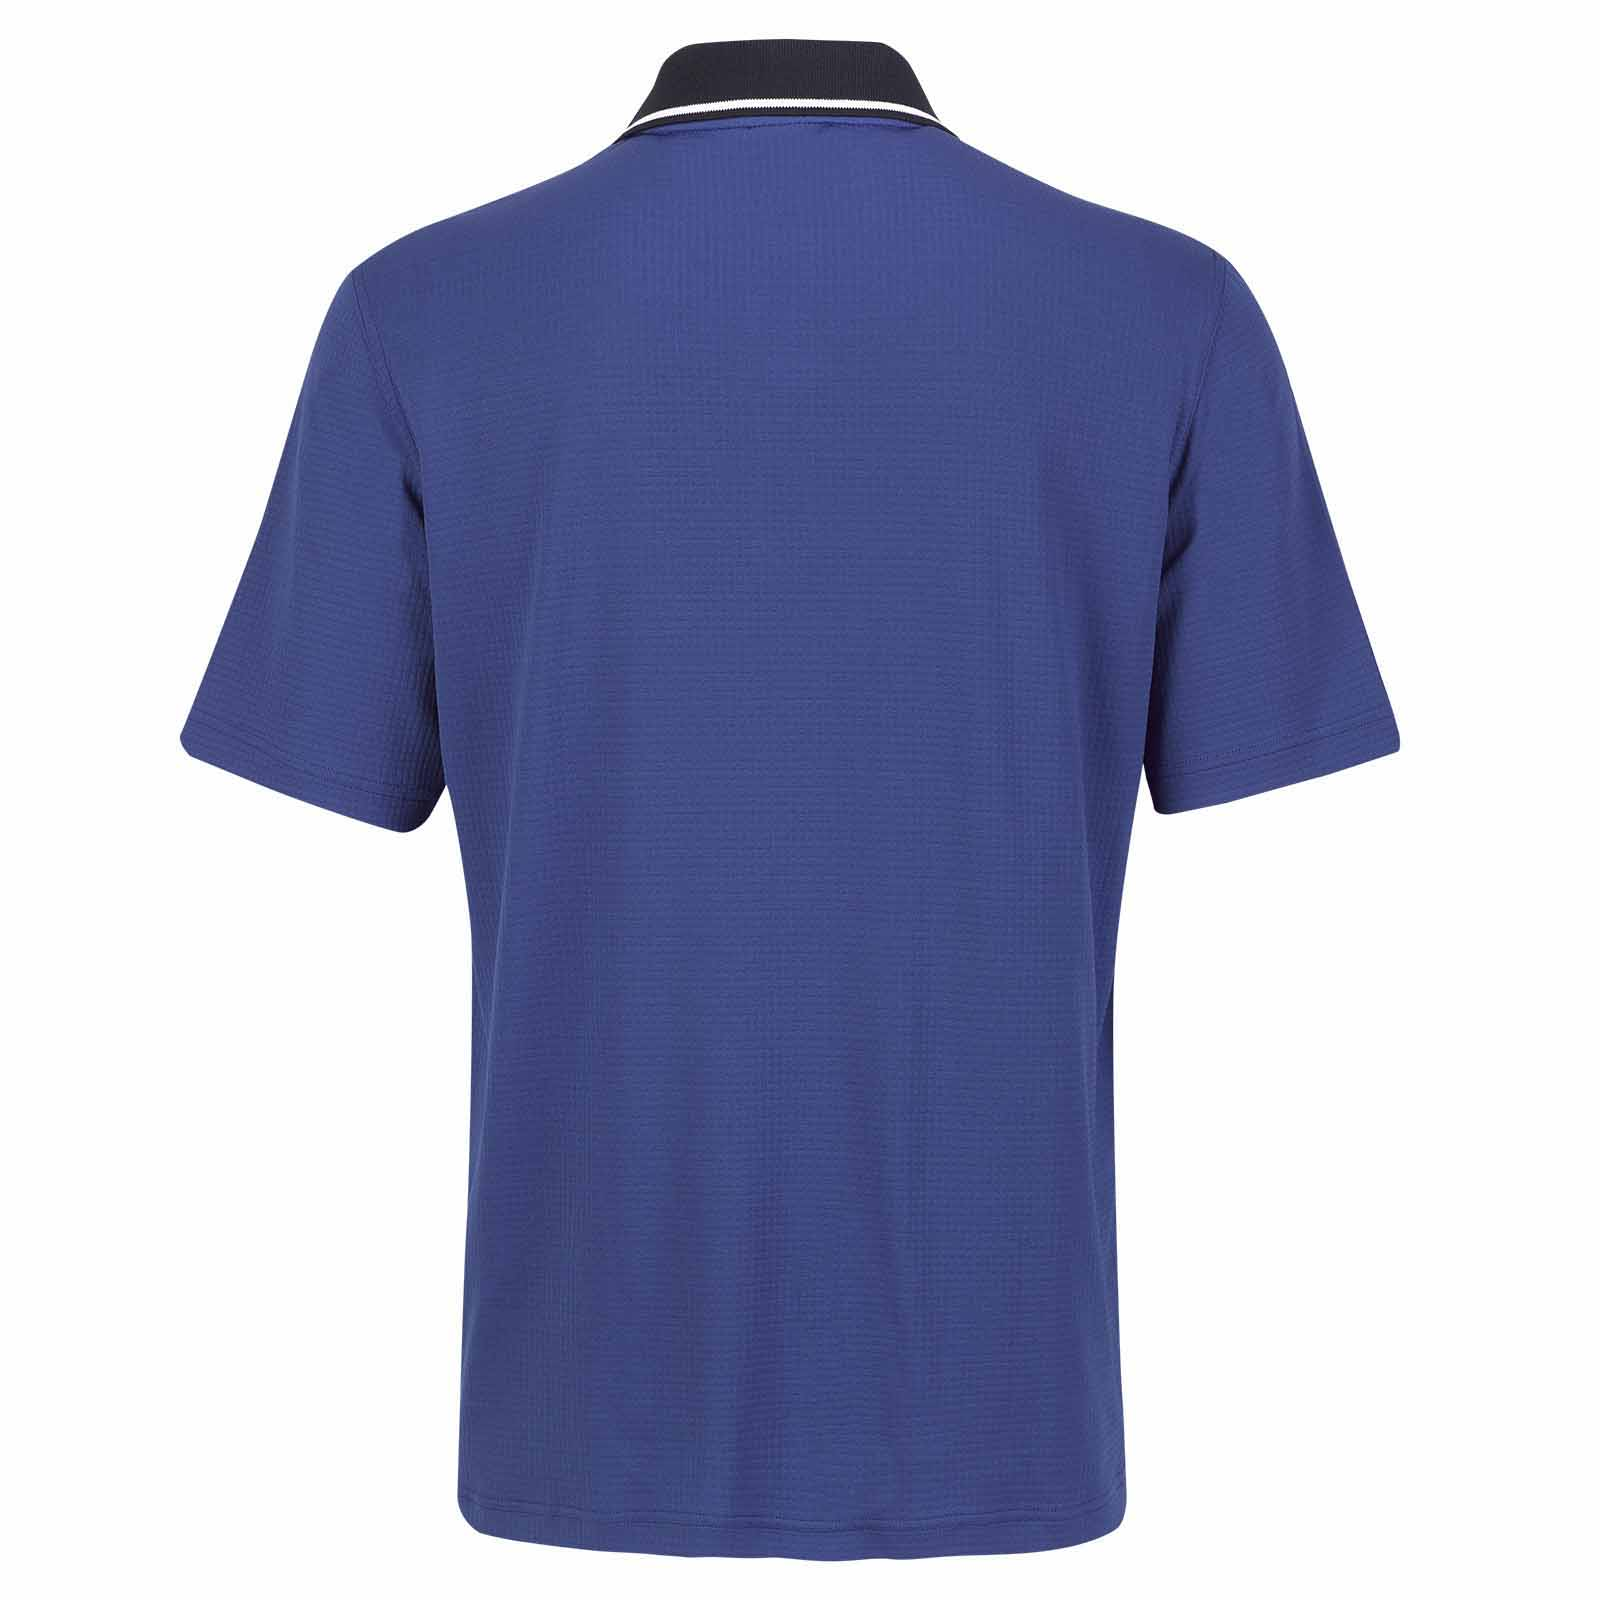 Herren Kurzarm Funktions-Poloshirt feuchtigkeitsregulierend